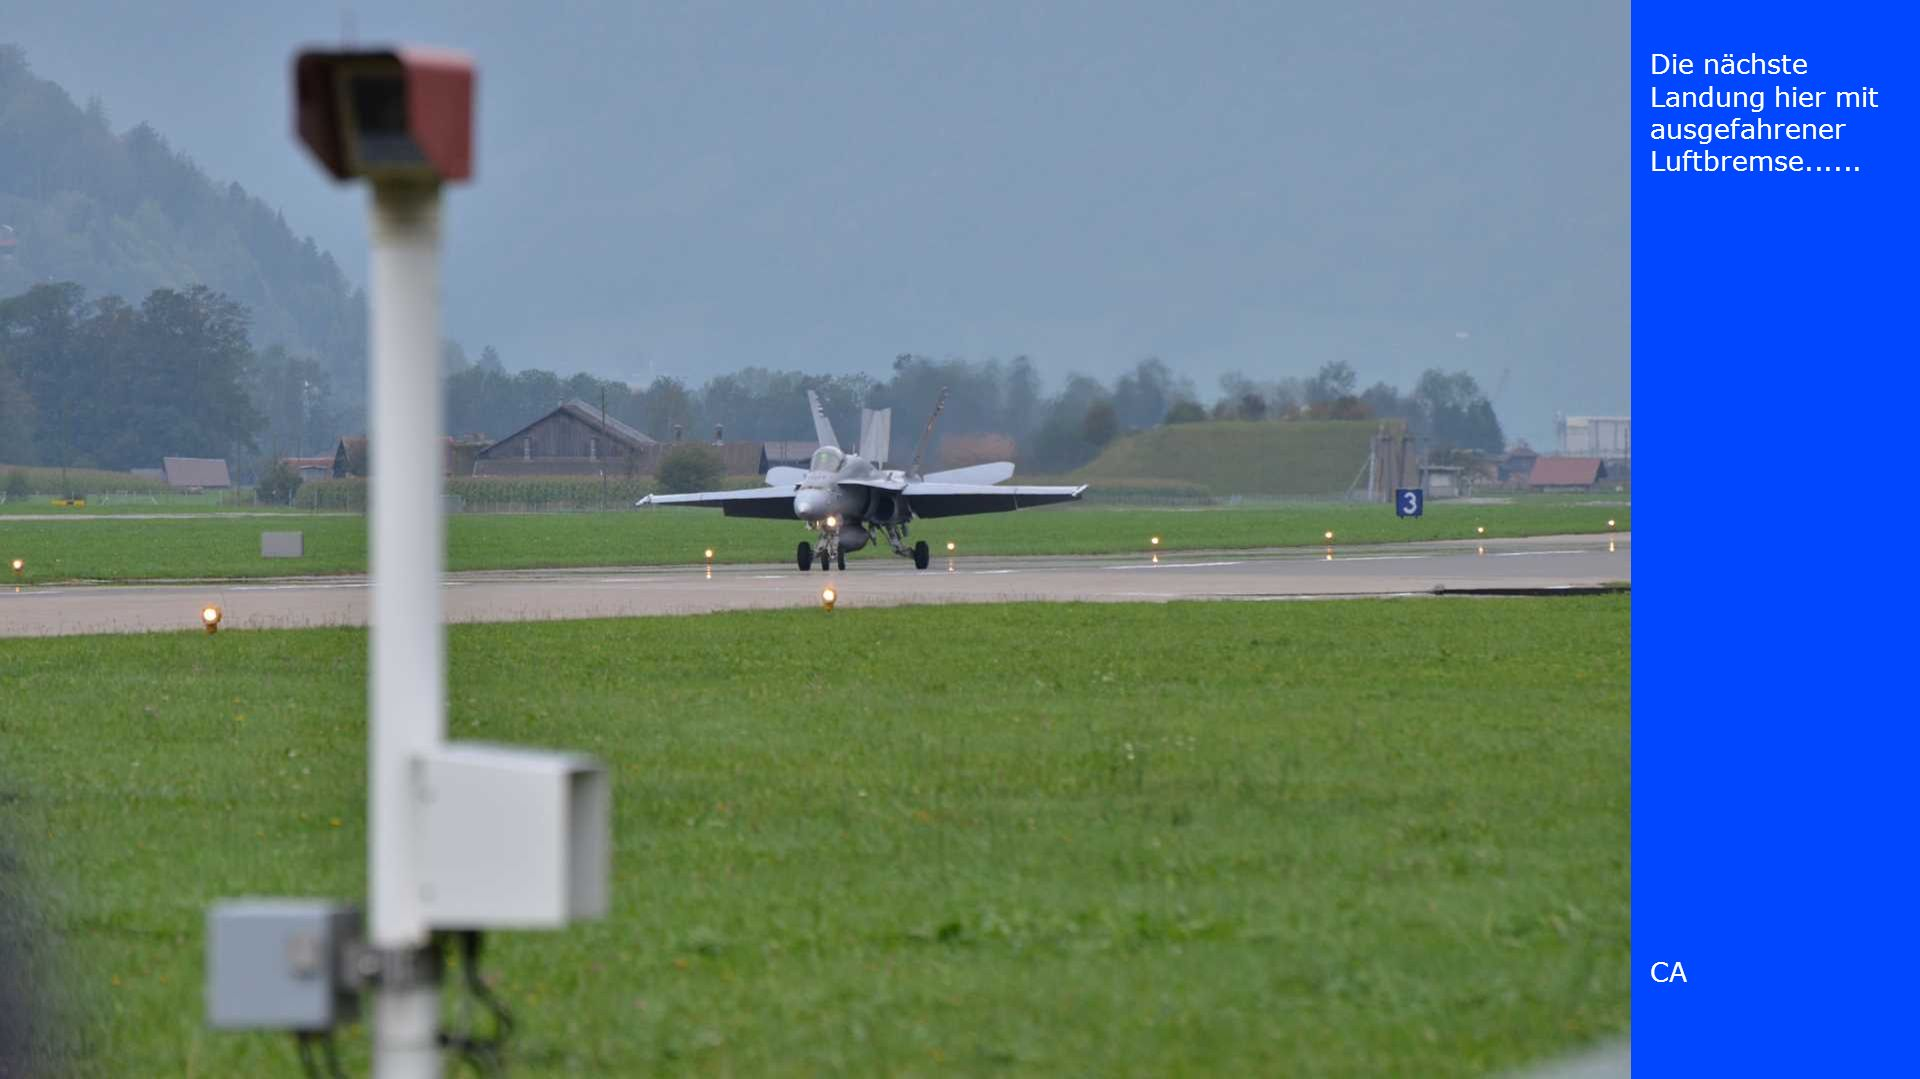 Die nächste Landung hier mit ausgefahrener Luftbremse......